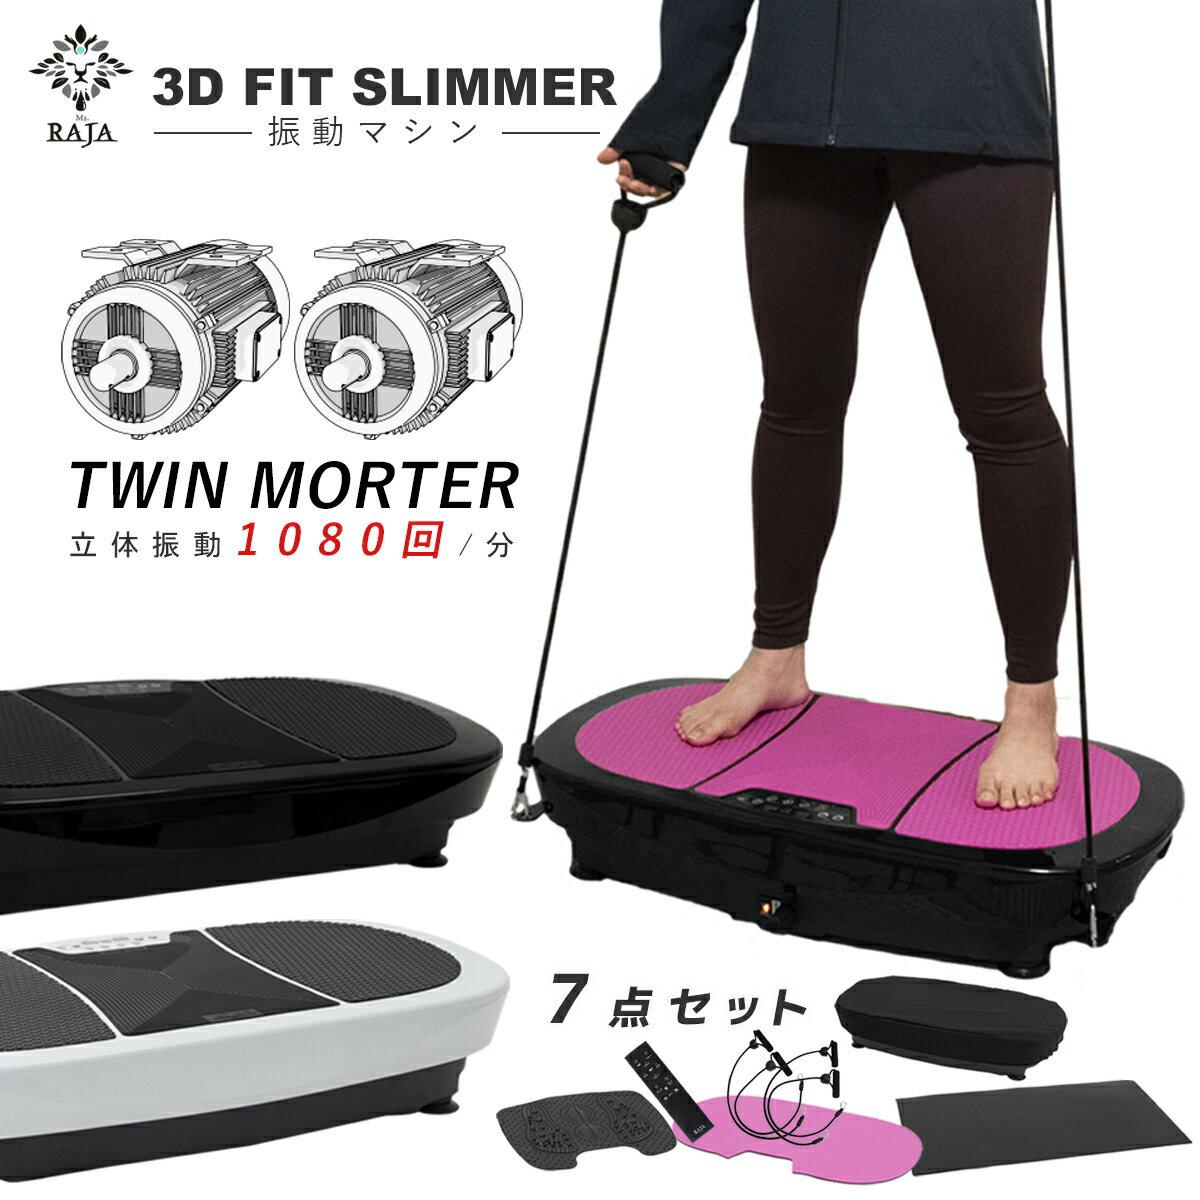 3D 振動マシン フルセット 3D FIT SLIMMER フィットネス マット付き ダイエット トレーニング 器具 グッズ ブルブル エクササイズ マシン 振動マシーン 体幹トレーニング 体幹リセット Ms. RAJA(ミズ ラジャ) RAJA